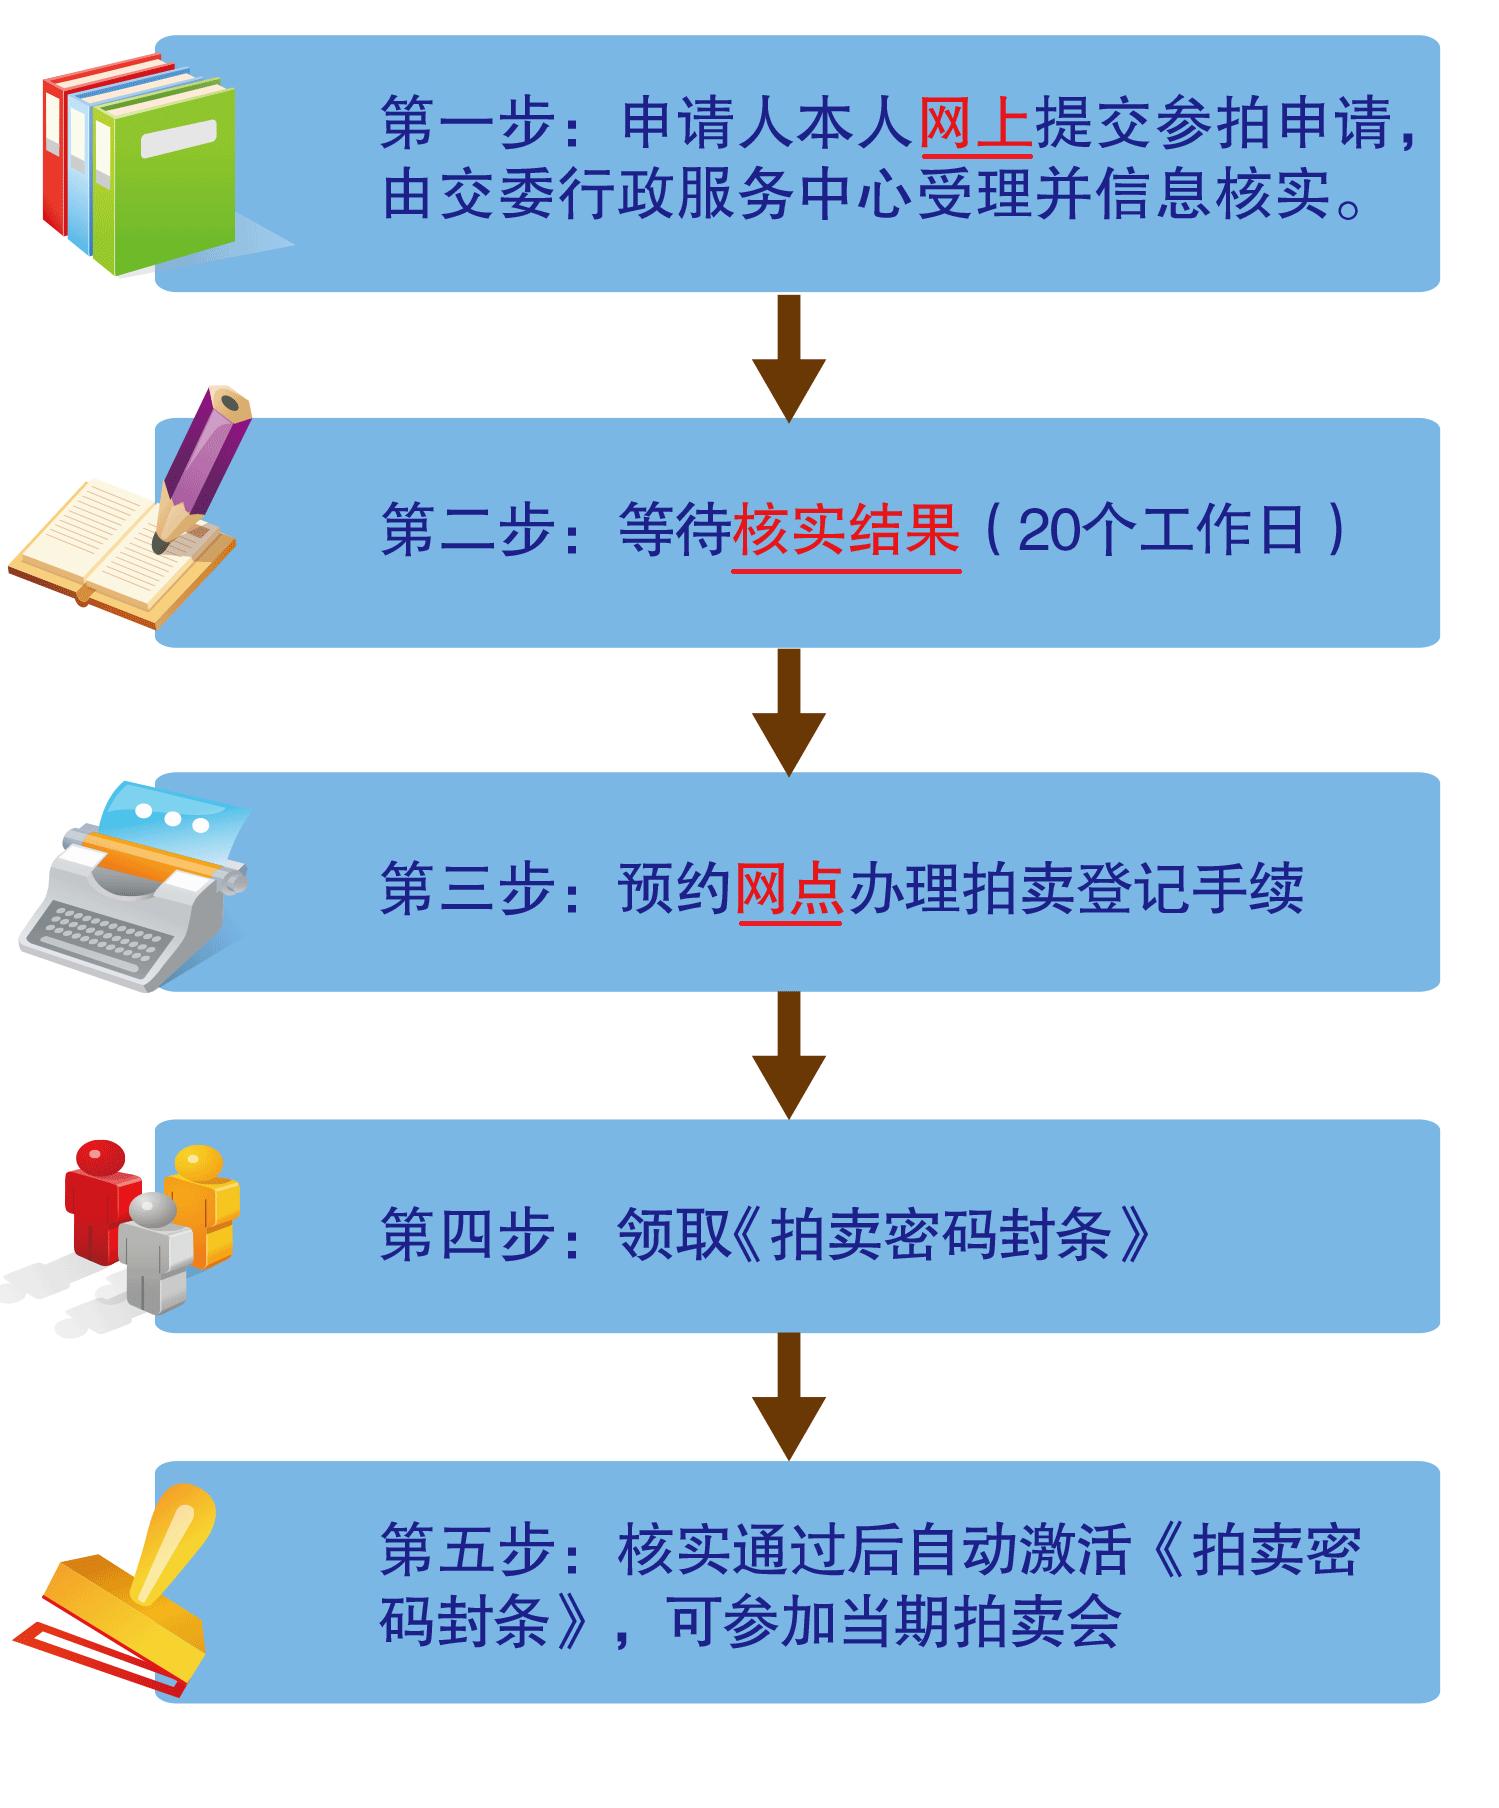 2014年5月拍牌攻略_2018年5月上海沪牌拍卖时间_拍牌流程价格、上海车牌拍牌网址 ...